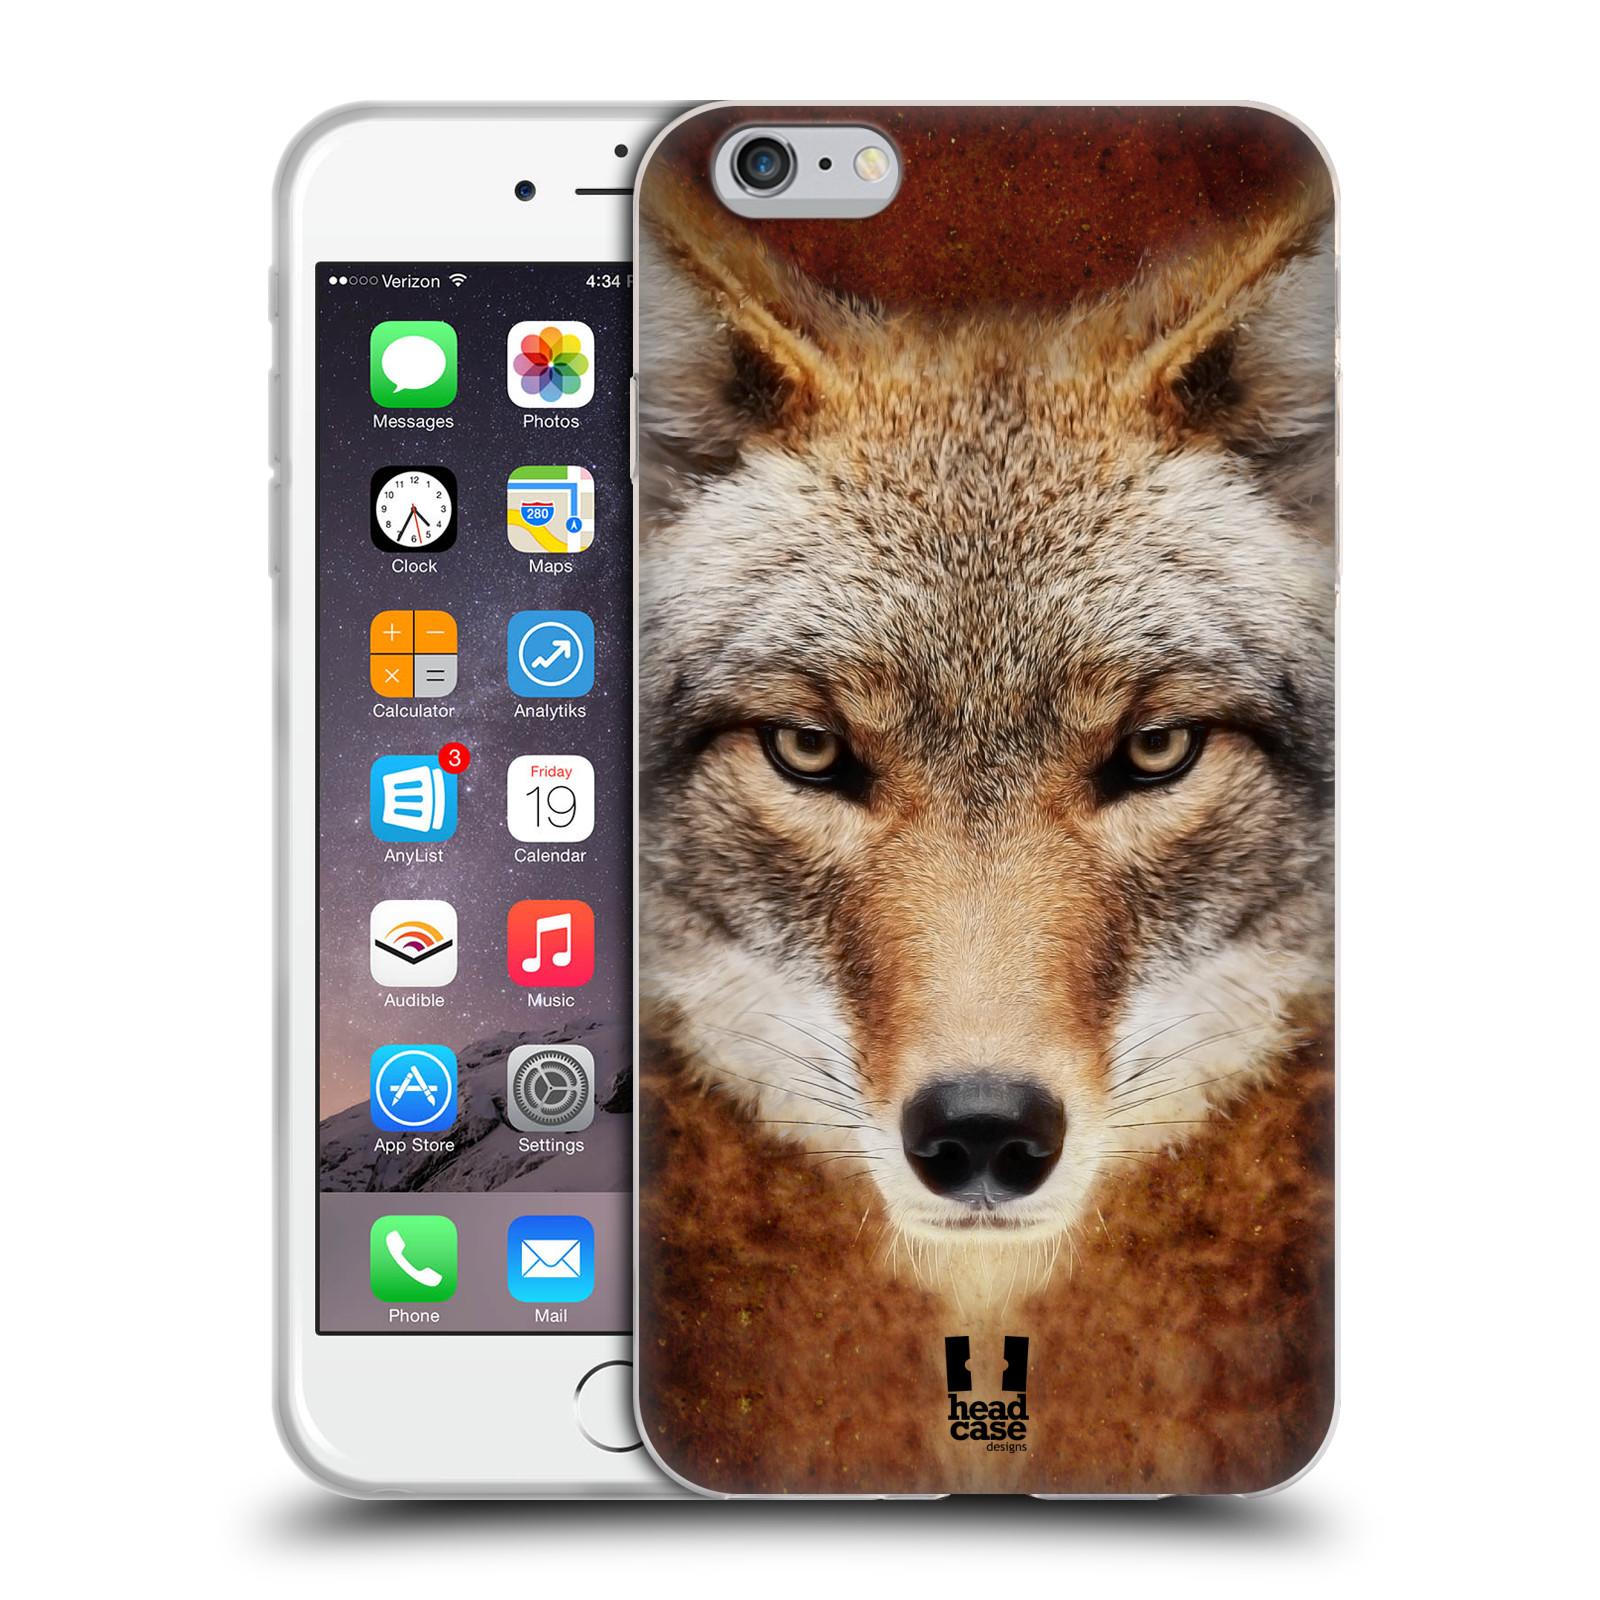 HEAD CASE silikonový obal na mobil Apple Iphone 6 PLUS/ 6S PLUS vzor Zvířecí tváře kojot